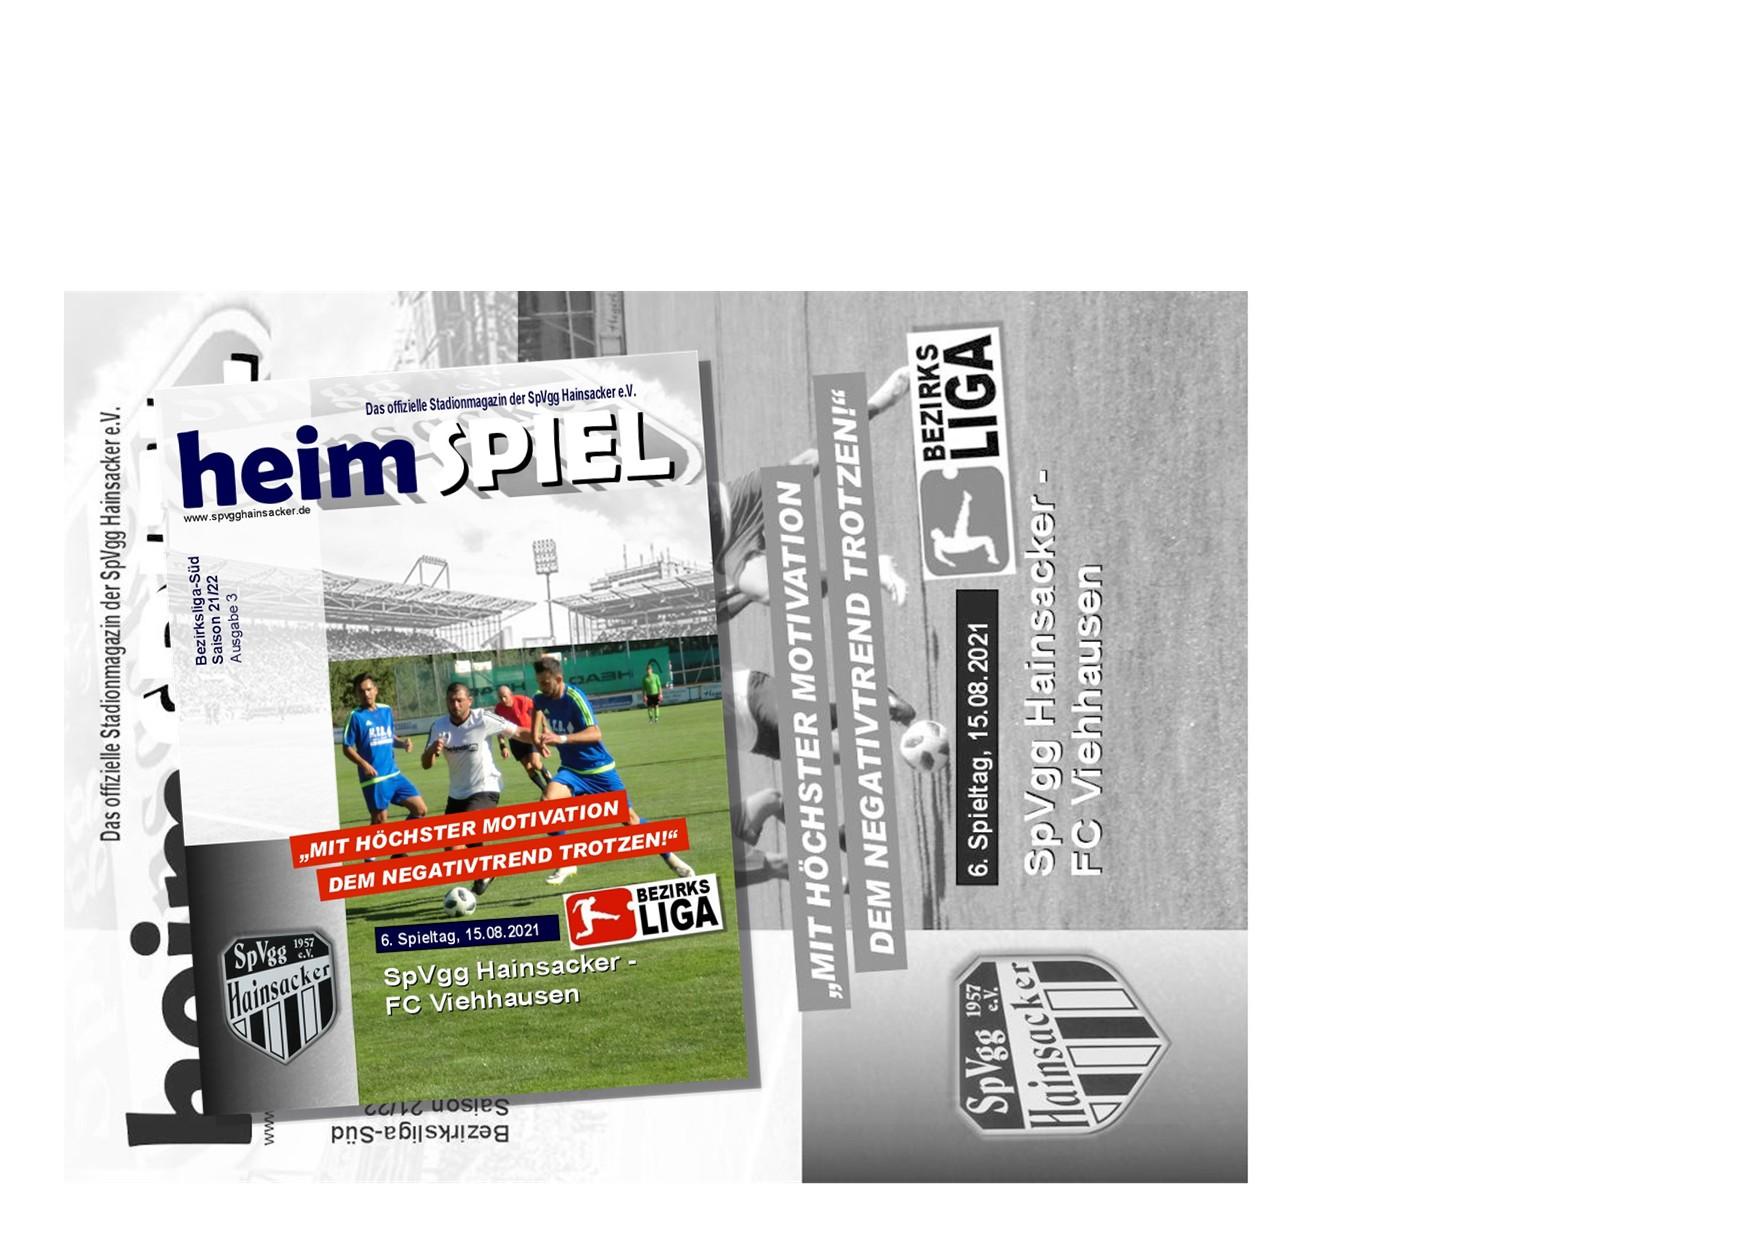 Stadionheft 21/22, 6. Spieltag: FC Viehhausen